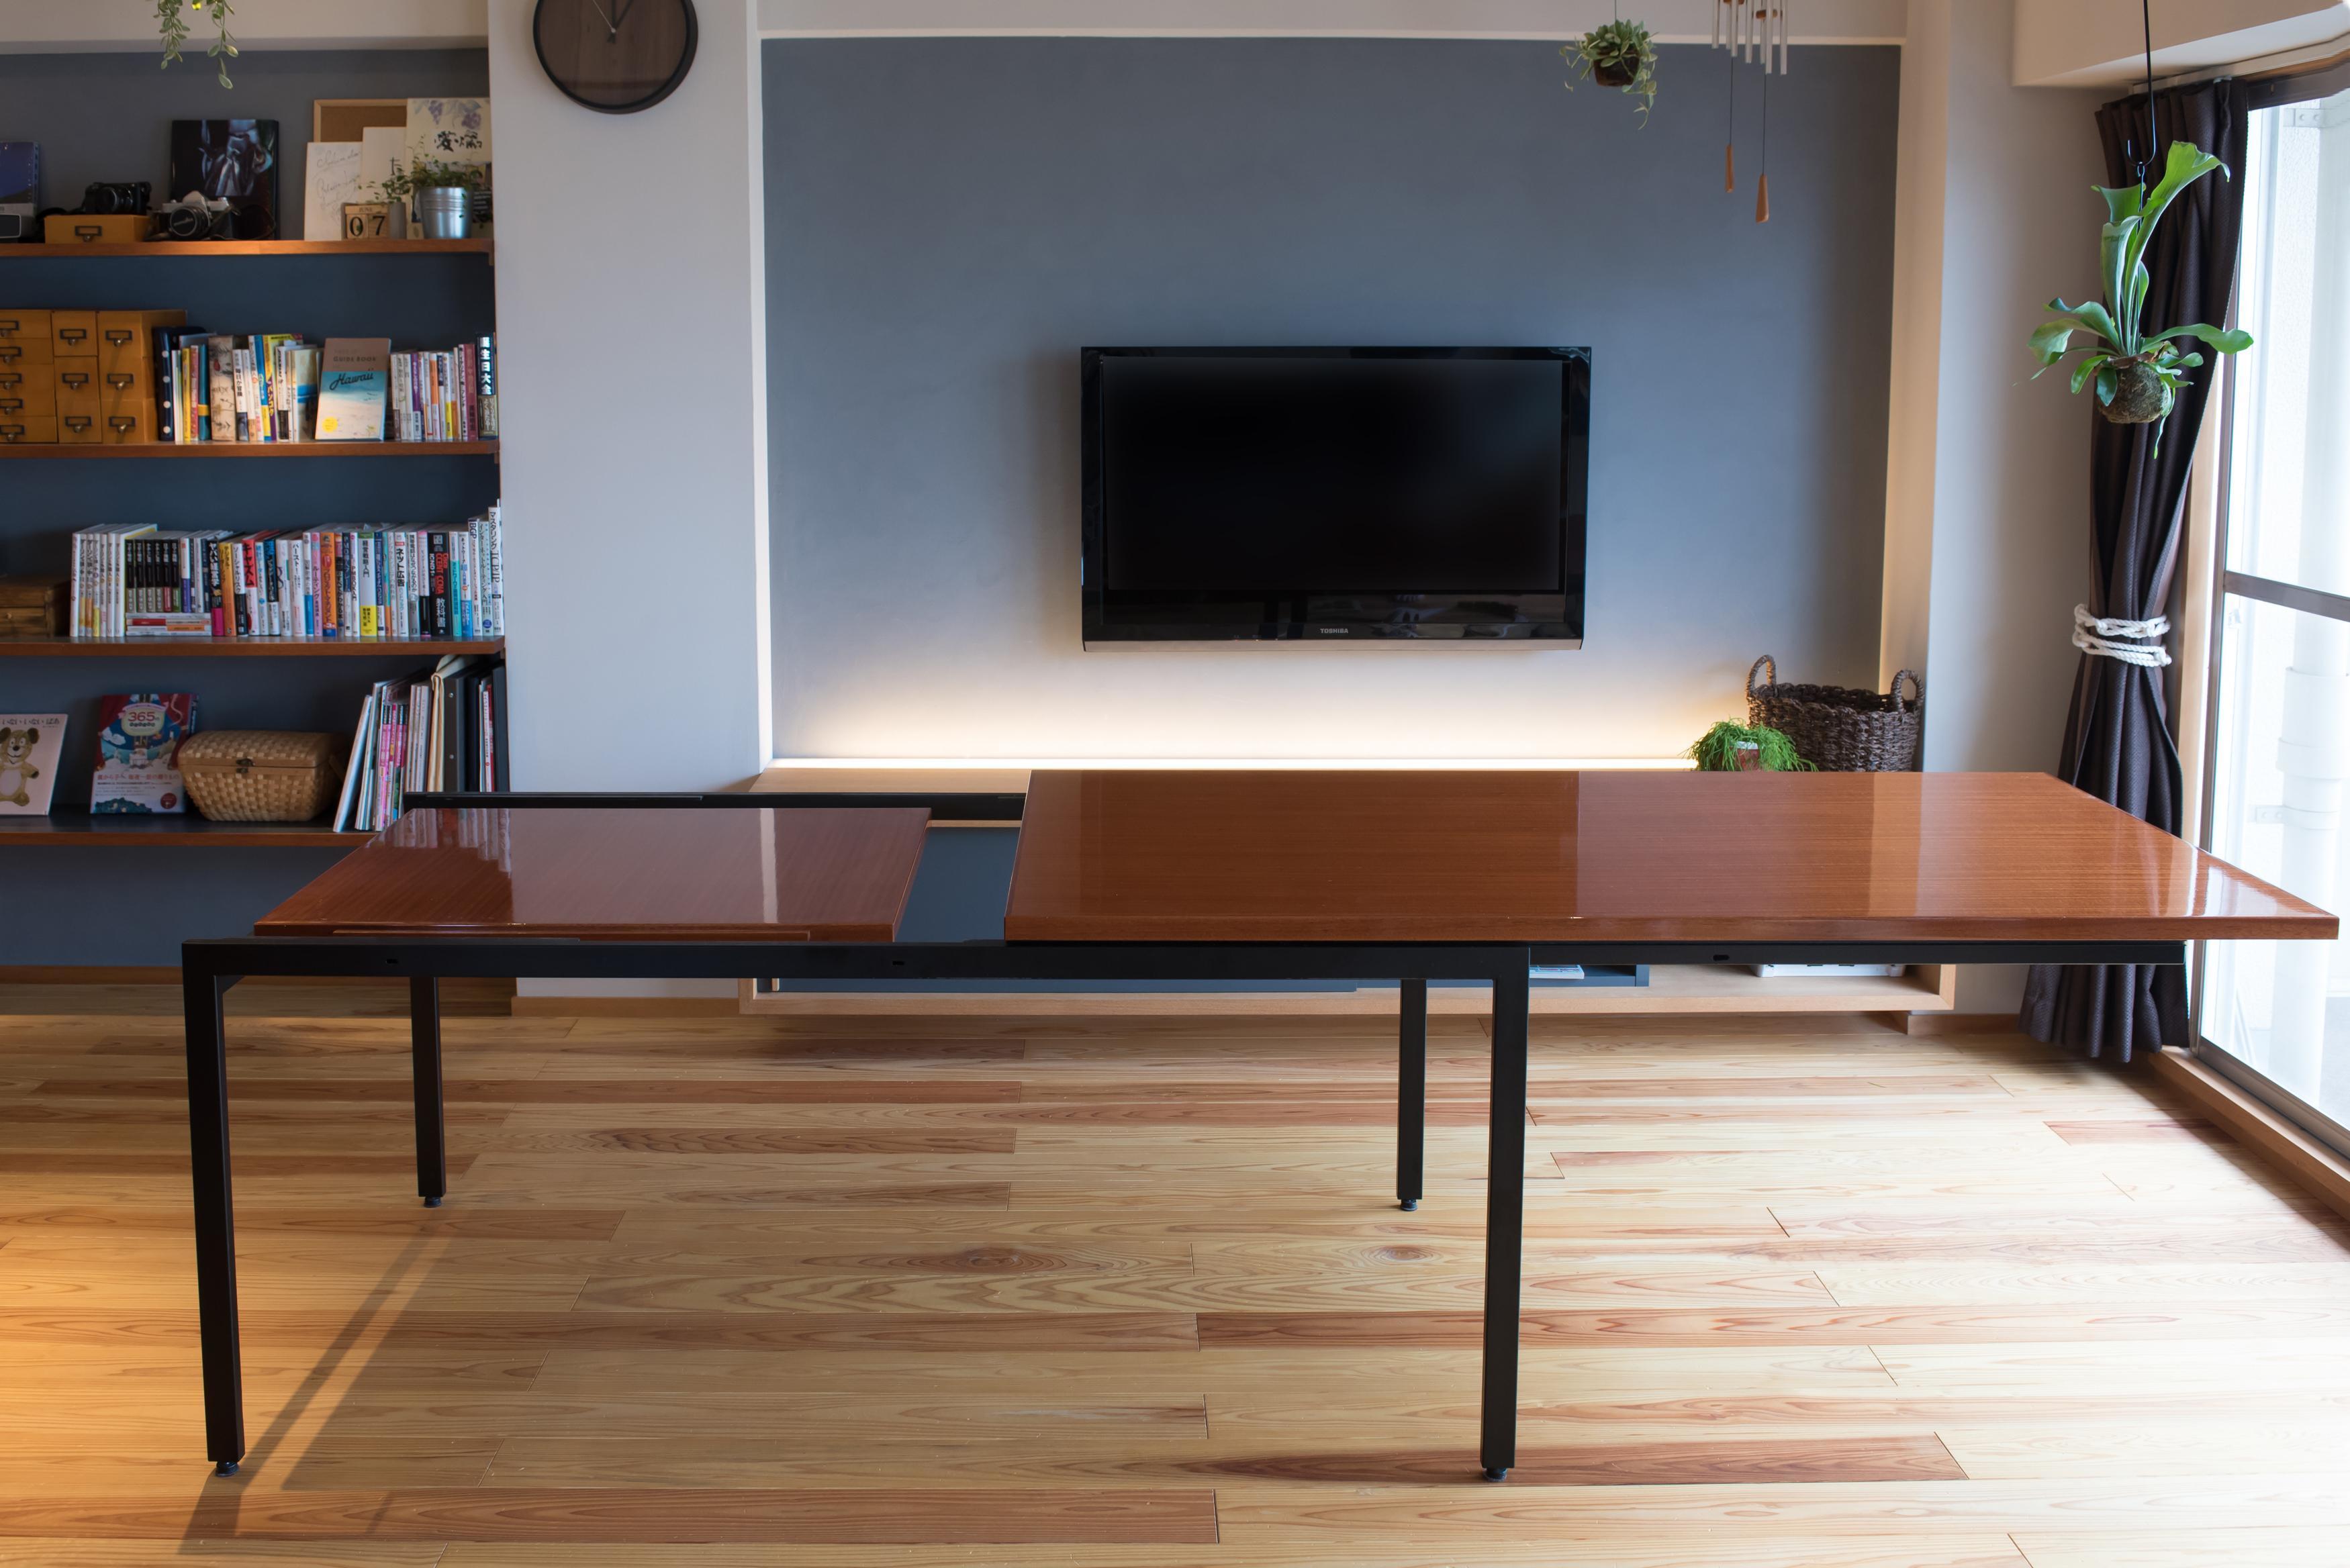 オリジナル家具、エクステンションテーブル、リノベーション、マンションリノベーション、ハンズデザイン一級建築士事務所、リビング